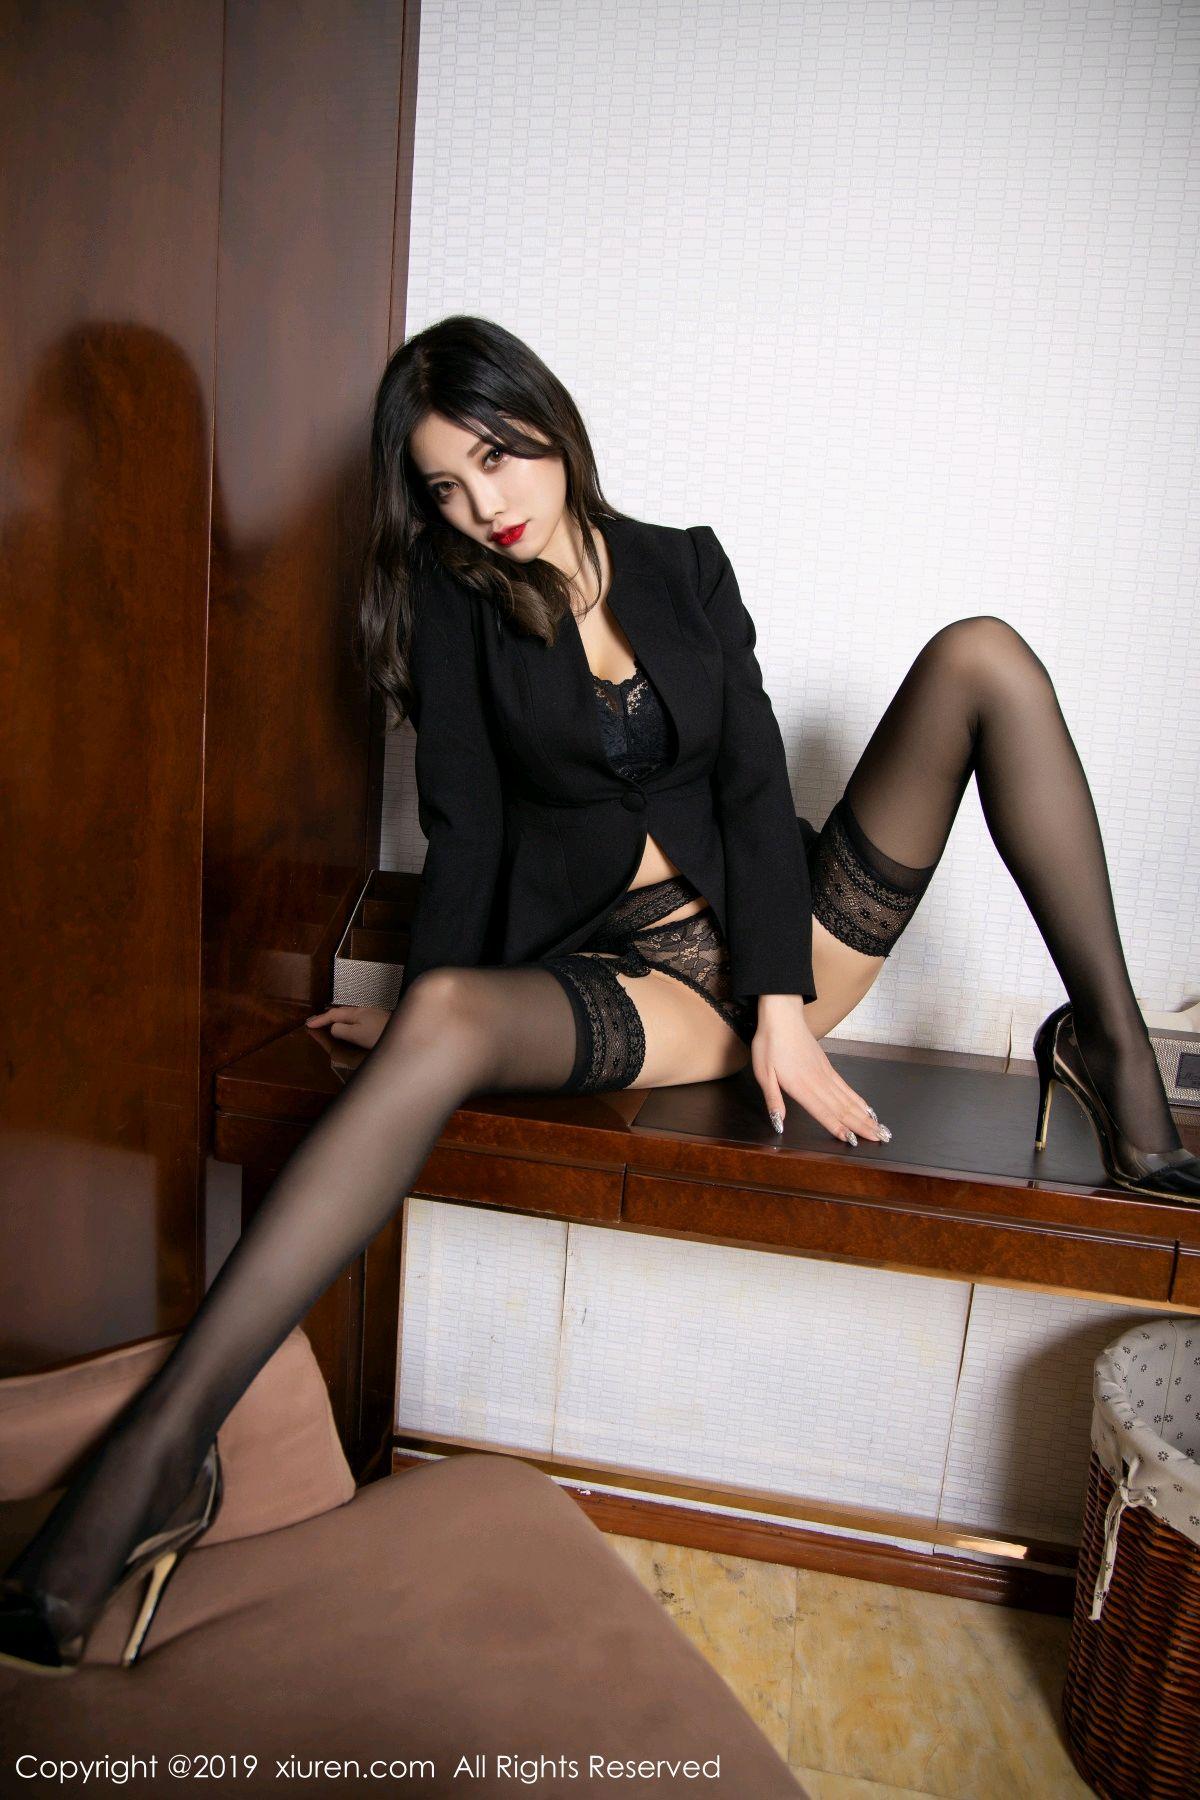 [XiaoYu] Vol.1633 Yang Chen Chen 41P, Black Silk, Tall, Uniform, XiaoYu, Yang Chen Chen